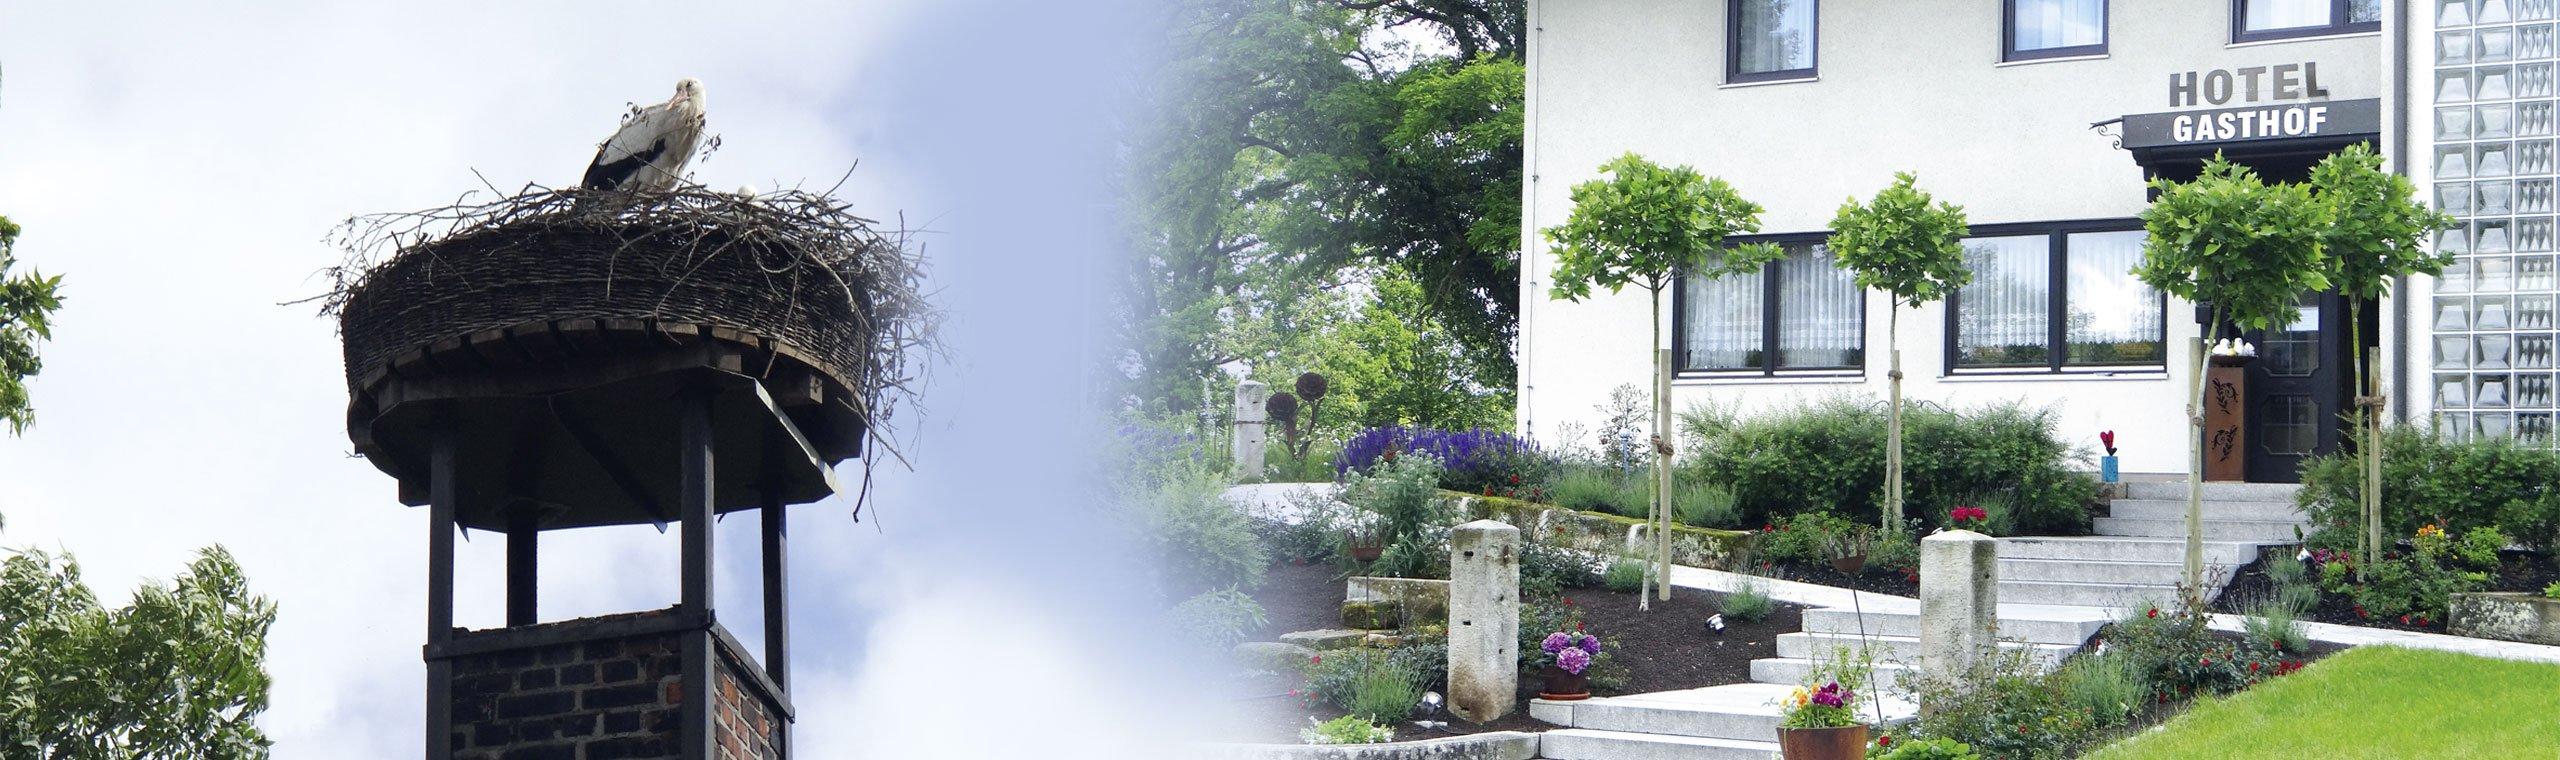 Außenansicht des Hotels und ein Storchennest